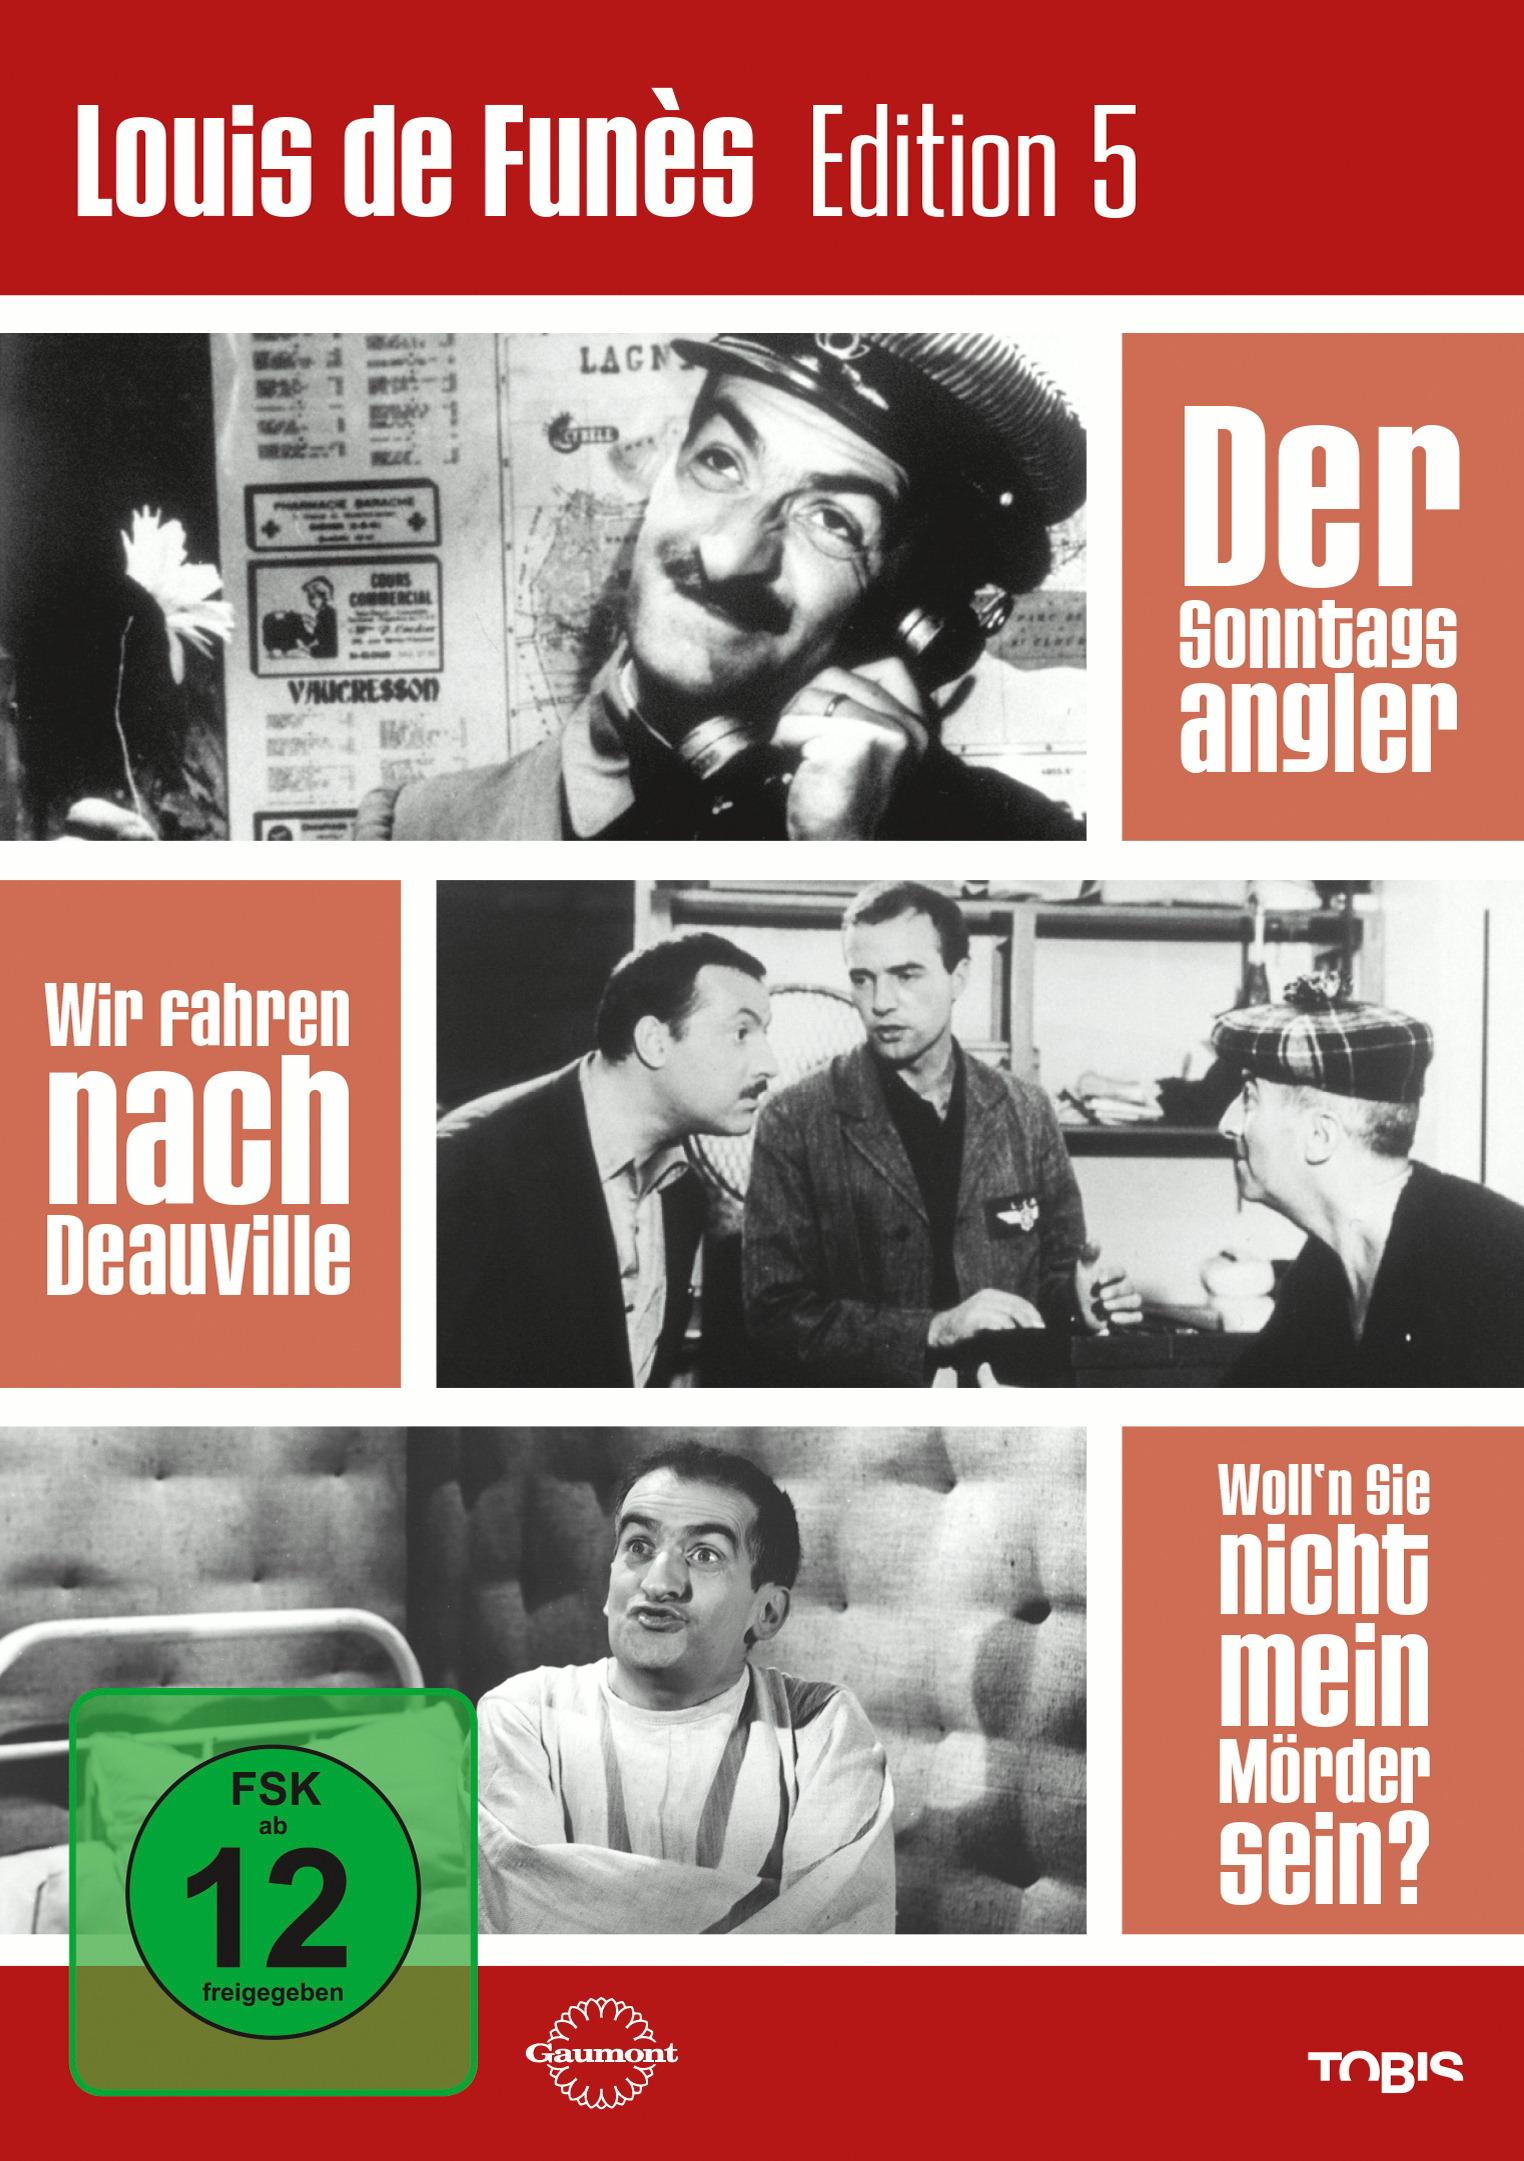 Louis de Funès Edition 5 (3 Discs) Poster